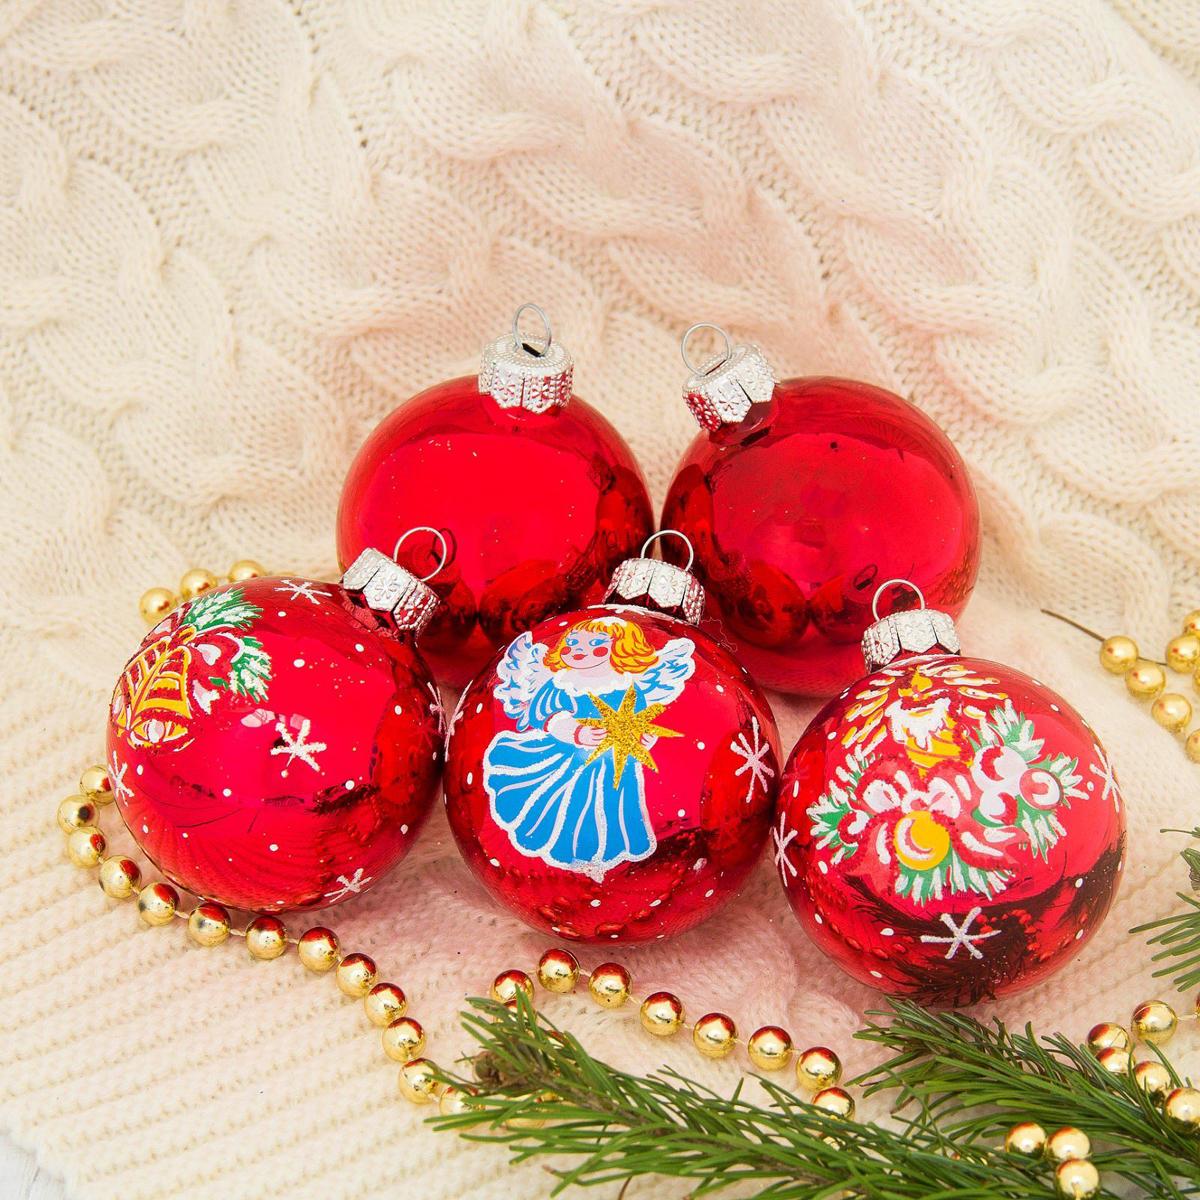 Набор новогодних подвесных украшений Ёлочка Рождественский, диаметр 6 см, 5 шт2564843Невозможно представить нашу жизнь без праздников! Мы всегда ждём их и предвкушаем, обдумываем, как проведём памятный день, тщательно выбираем подарки и аксессуары, ведь именно они создают и поддерживают торжественный настрой.